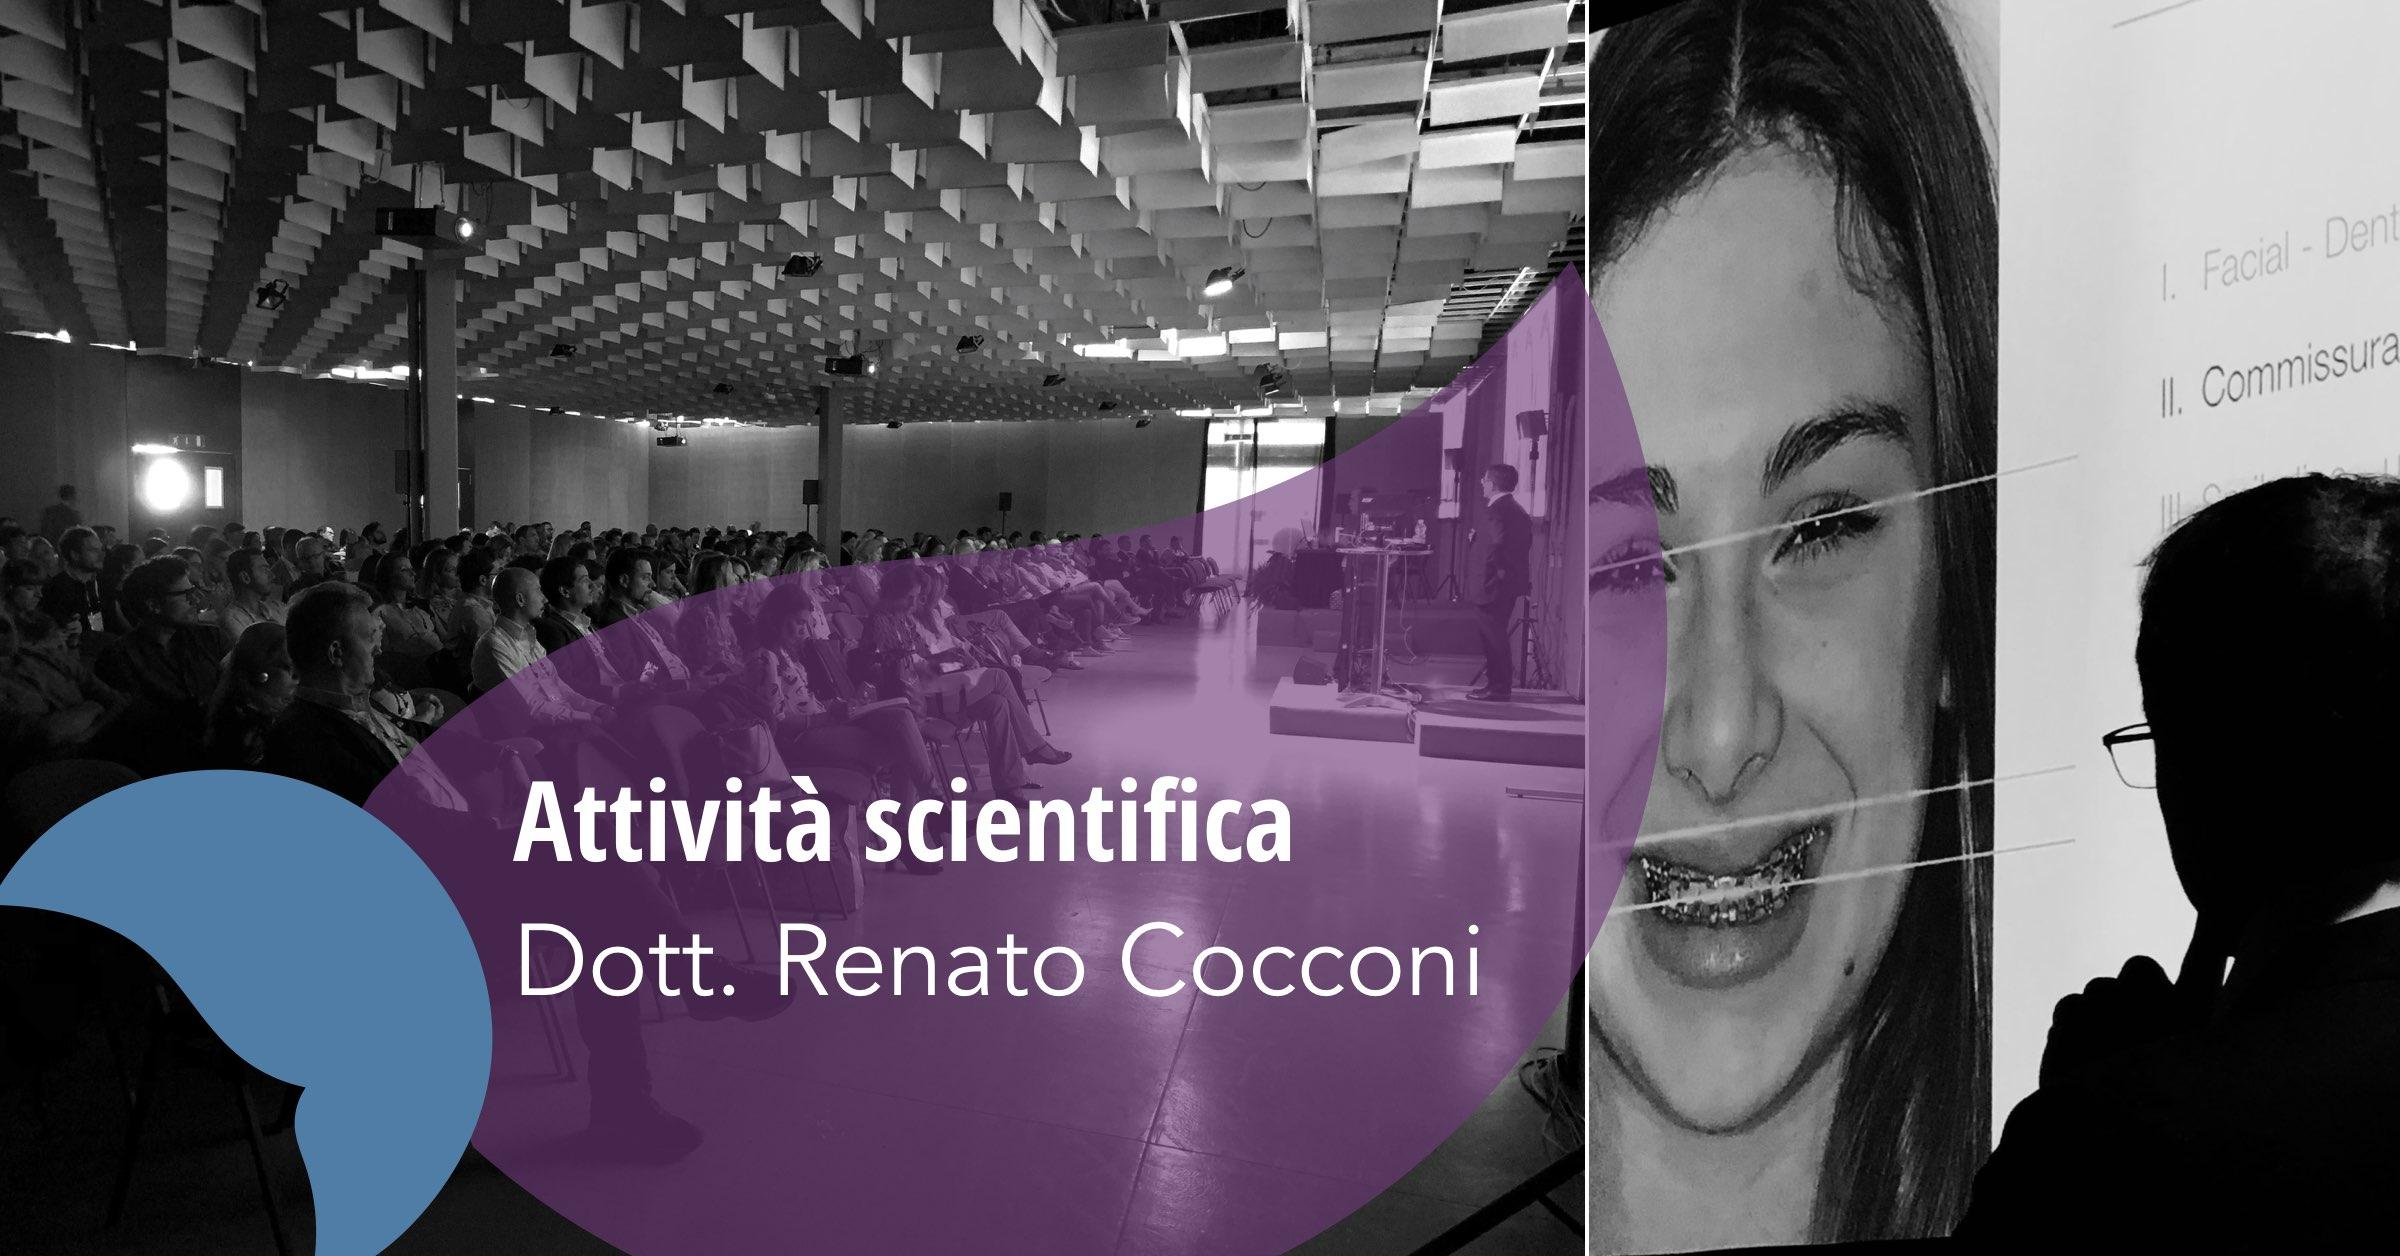 Attivita scientifica Renato Cocconi 01